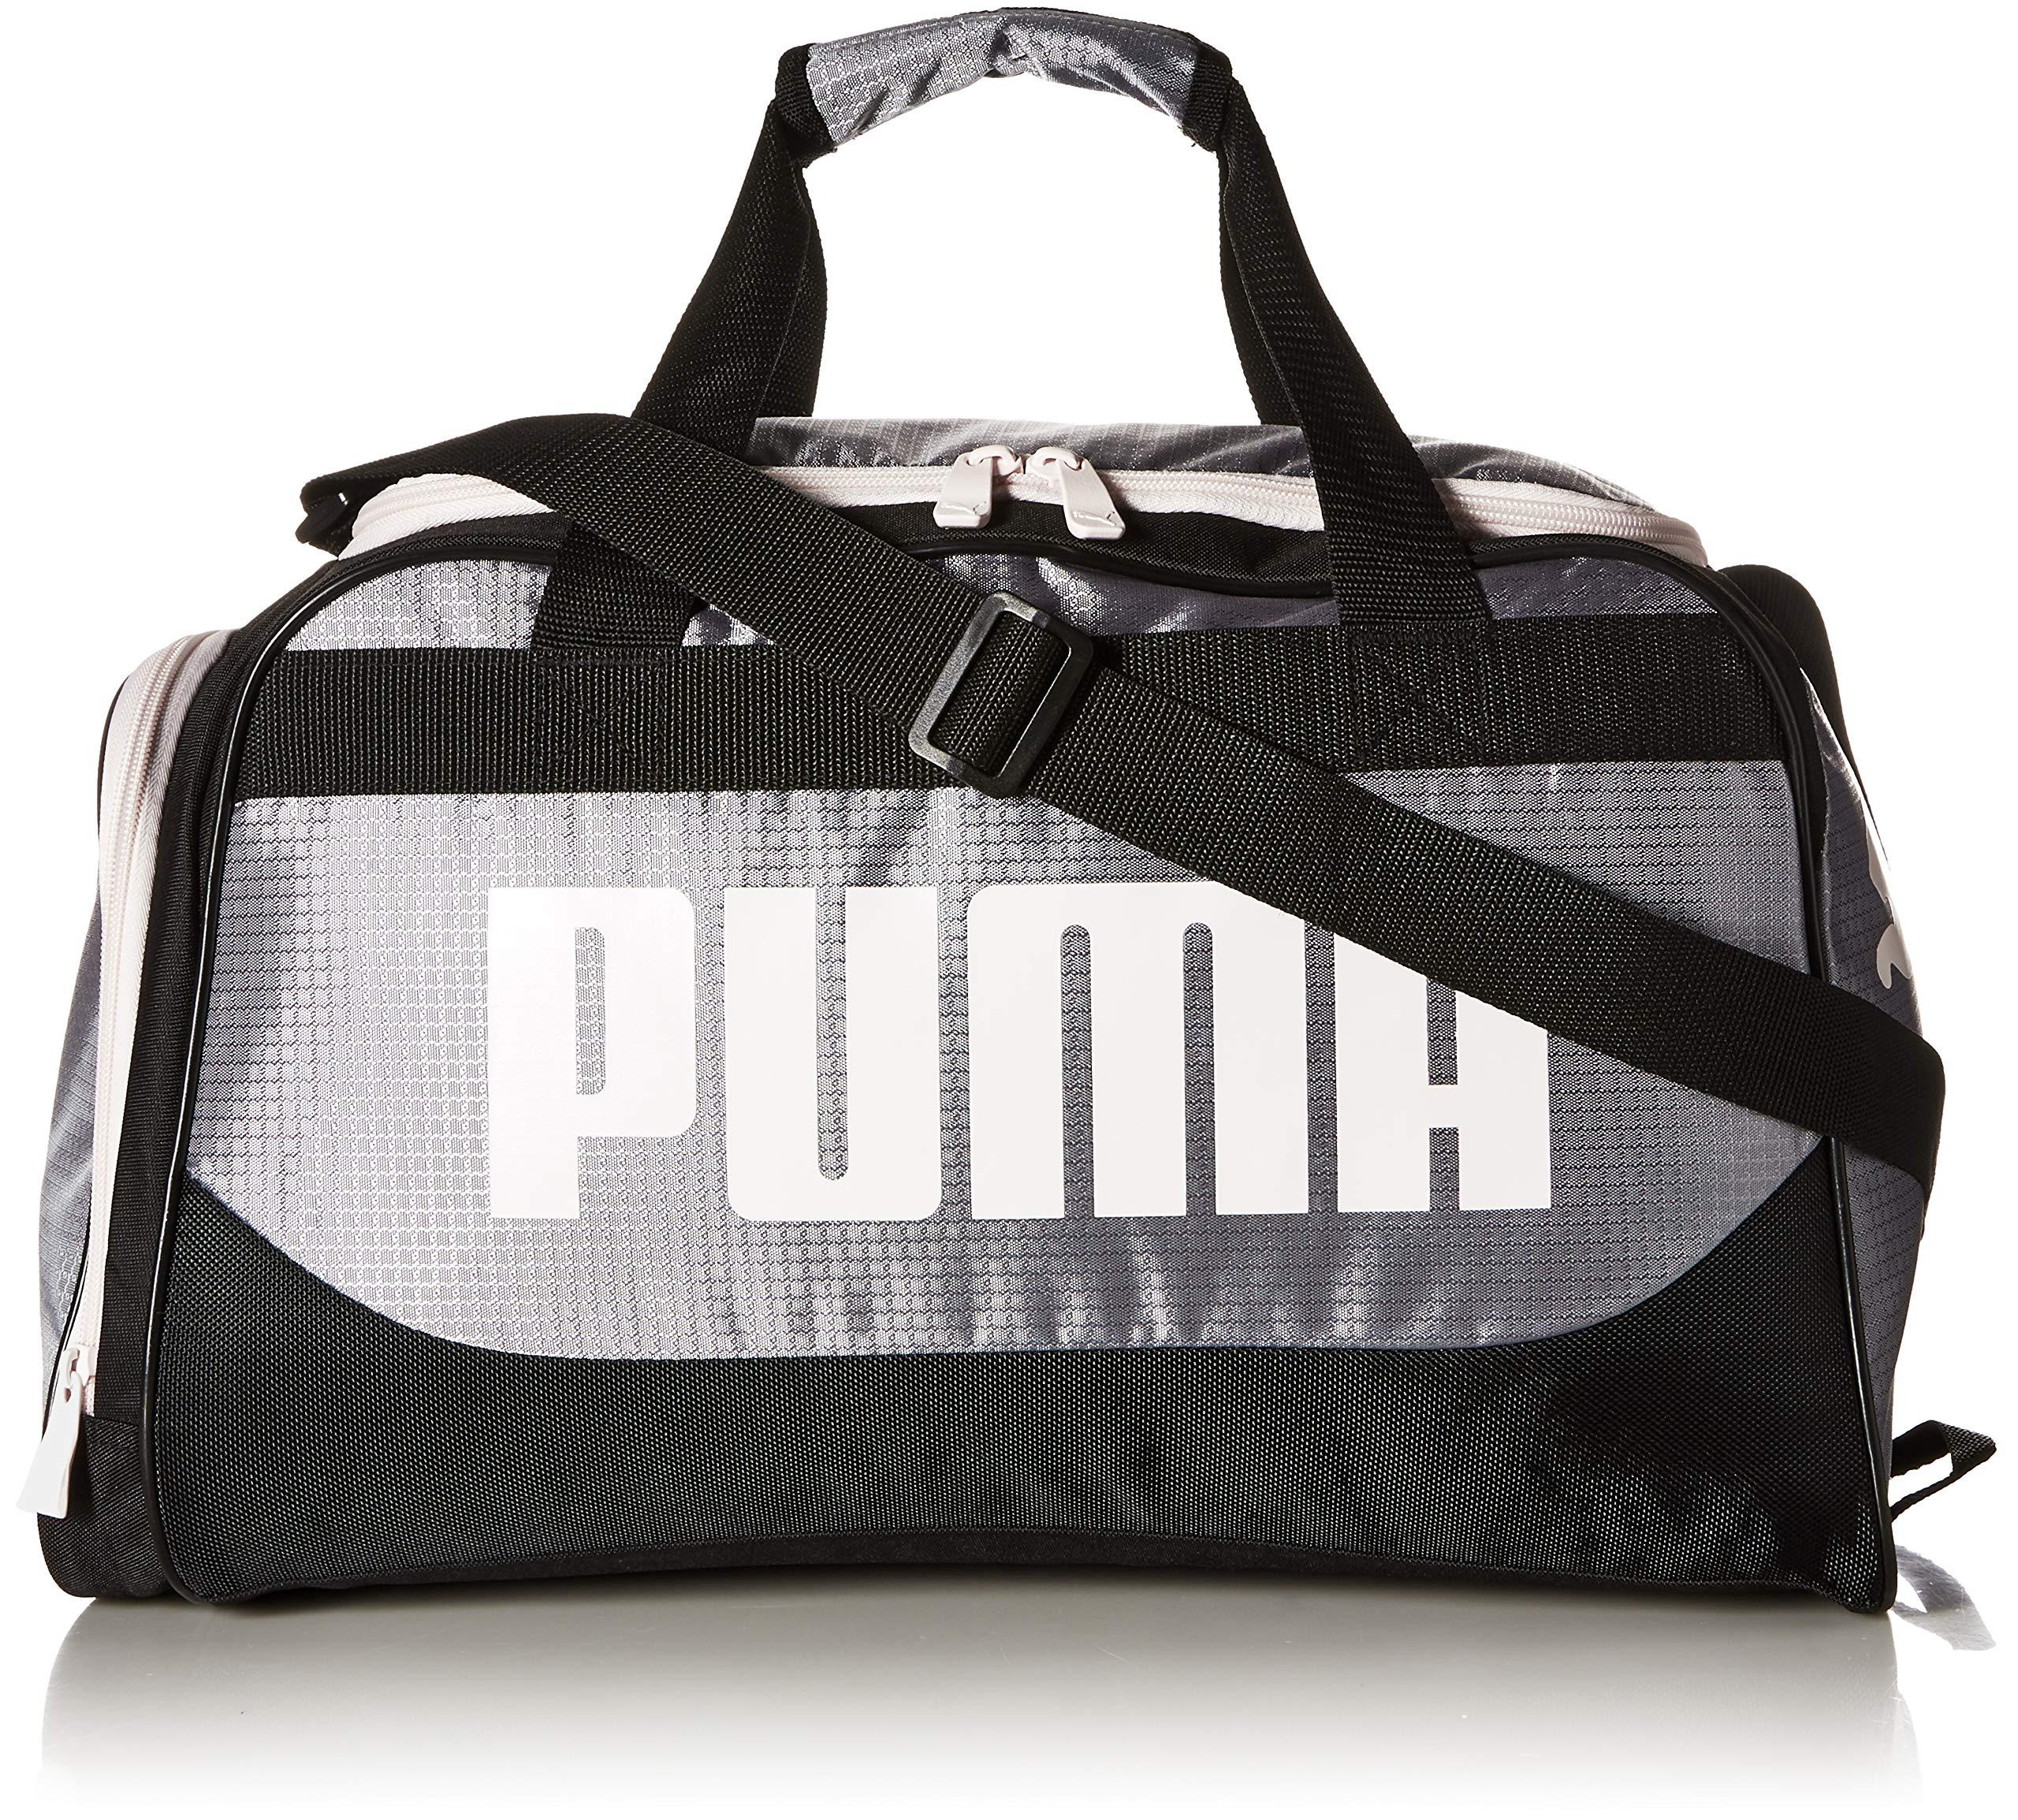 b3d12e60fccb puma evercat cambridge tote accessory in stock a5f6b 9ea56 ...